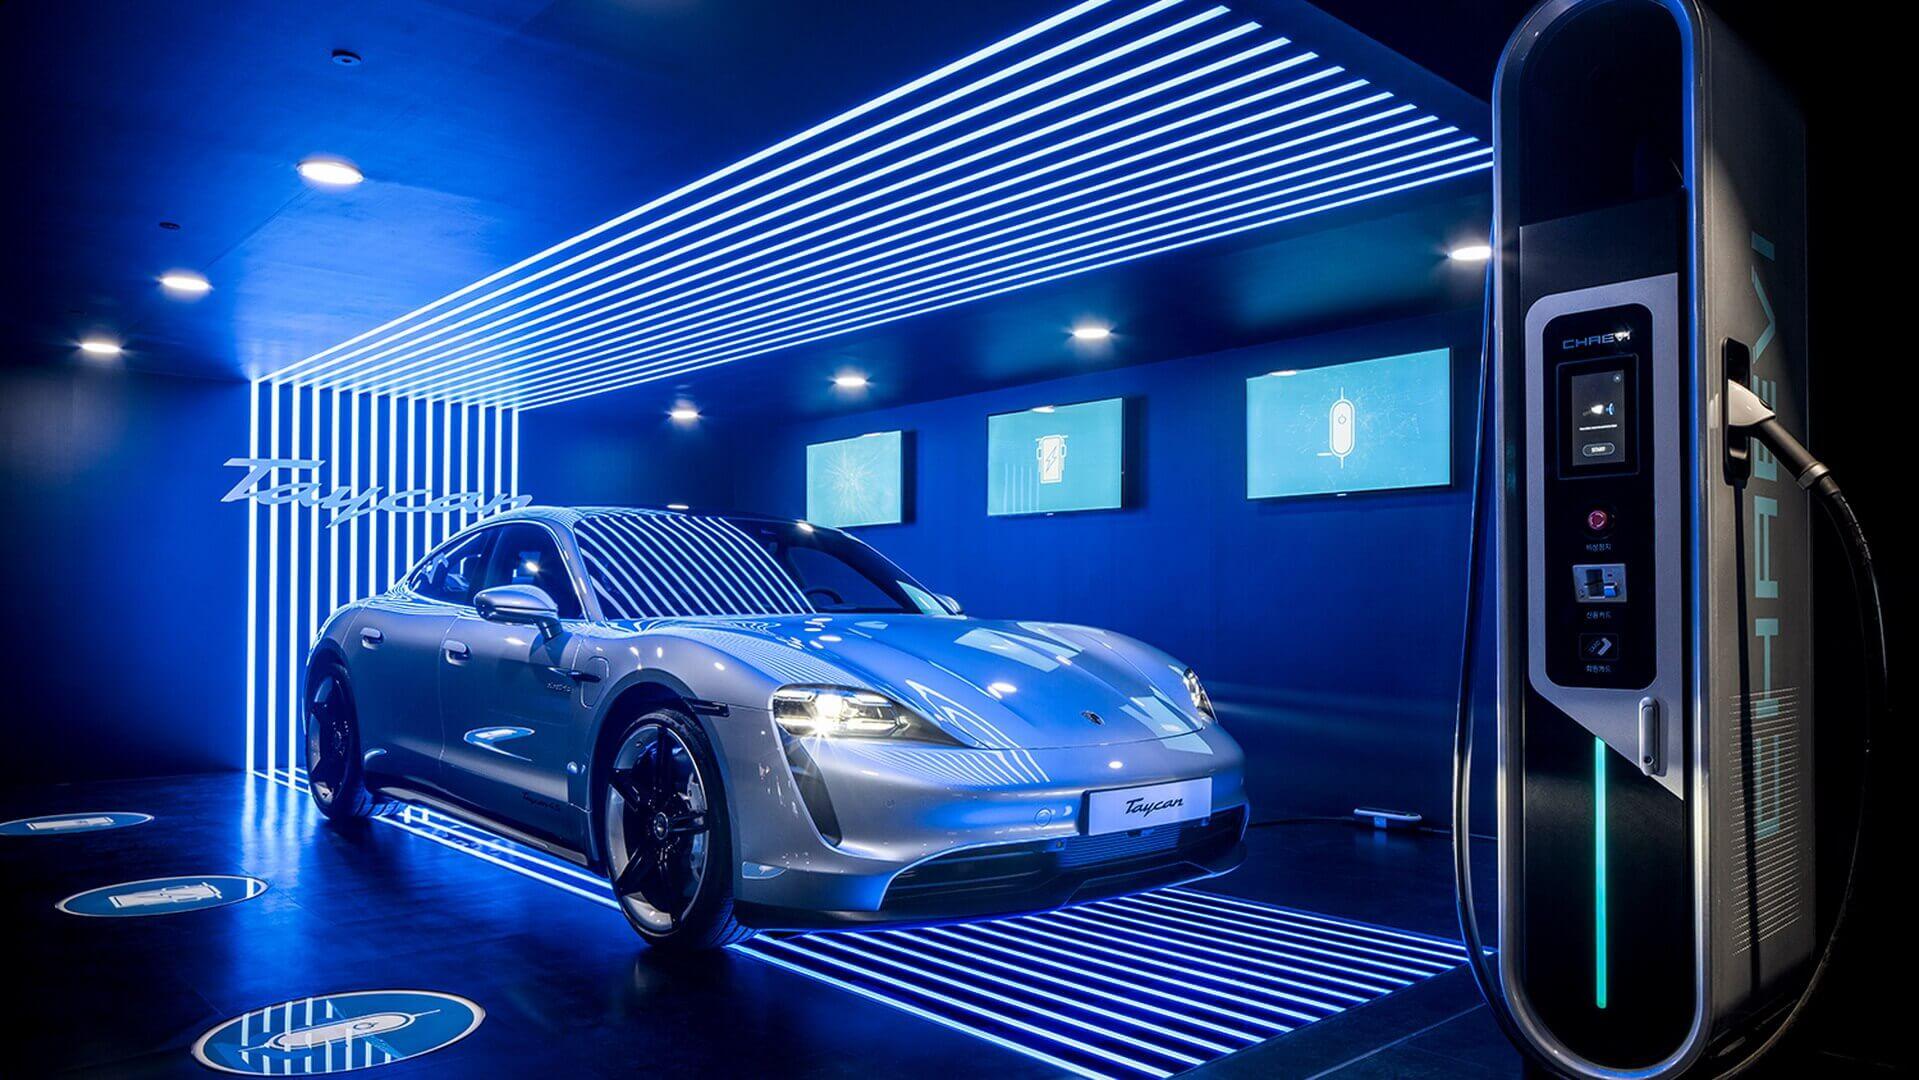 Первый полностью электрический спортивный автомобиль Porsche был представлен в Южной Корее